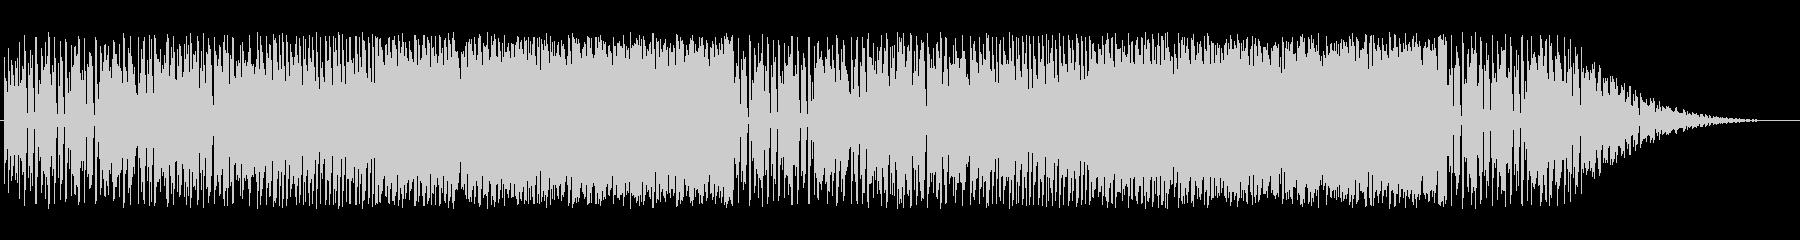 バトル風(ピアノ・バイオリン)の未再生の波形